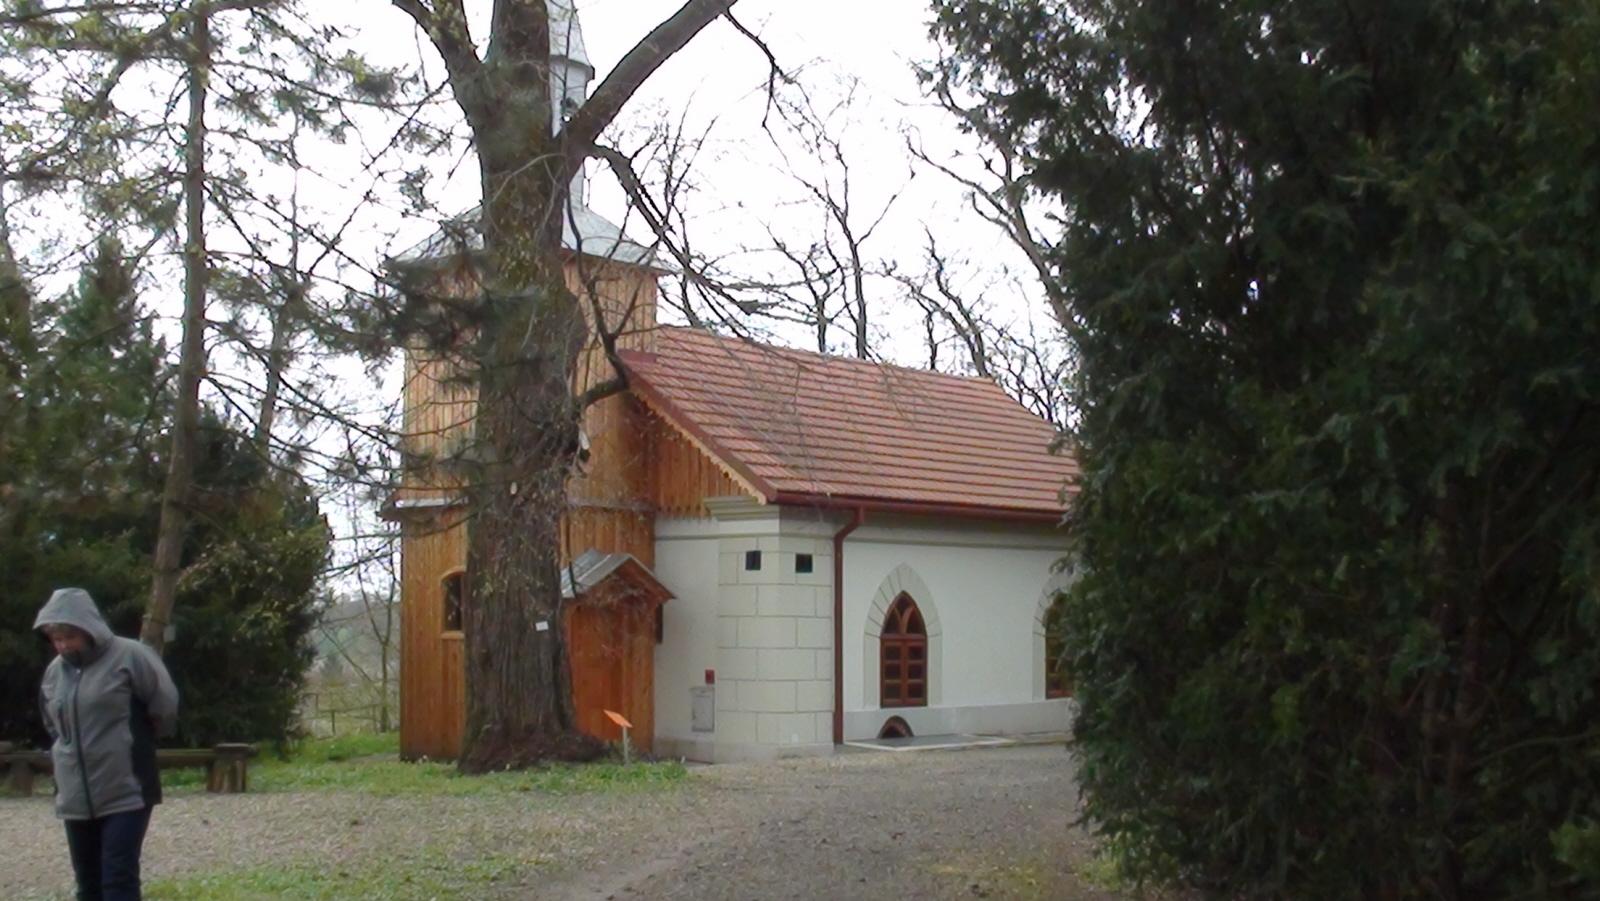 Bolestraszyce. Arboretum w ogrodach dworskich